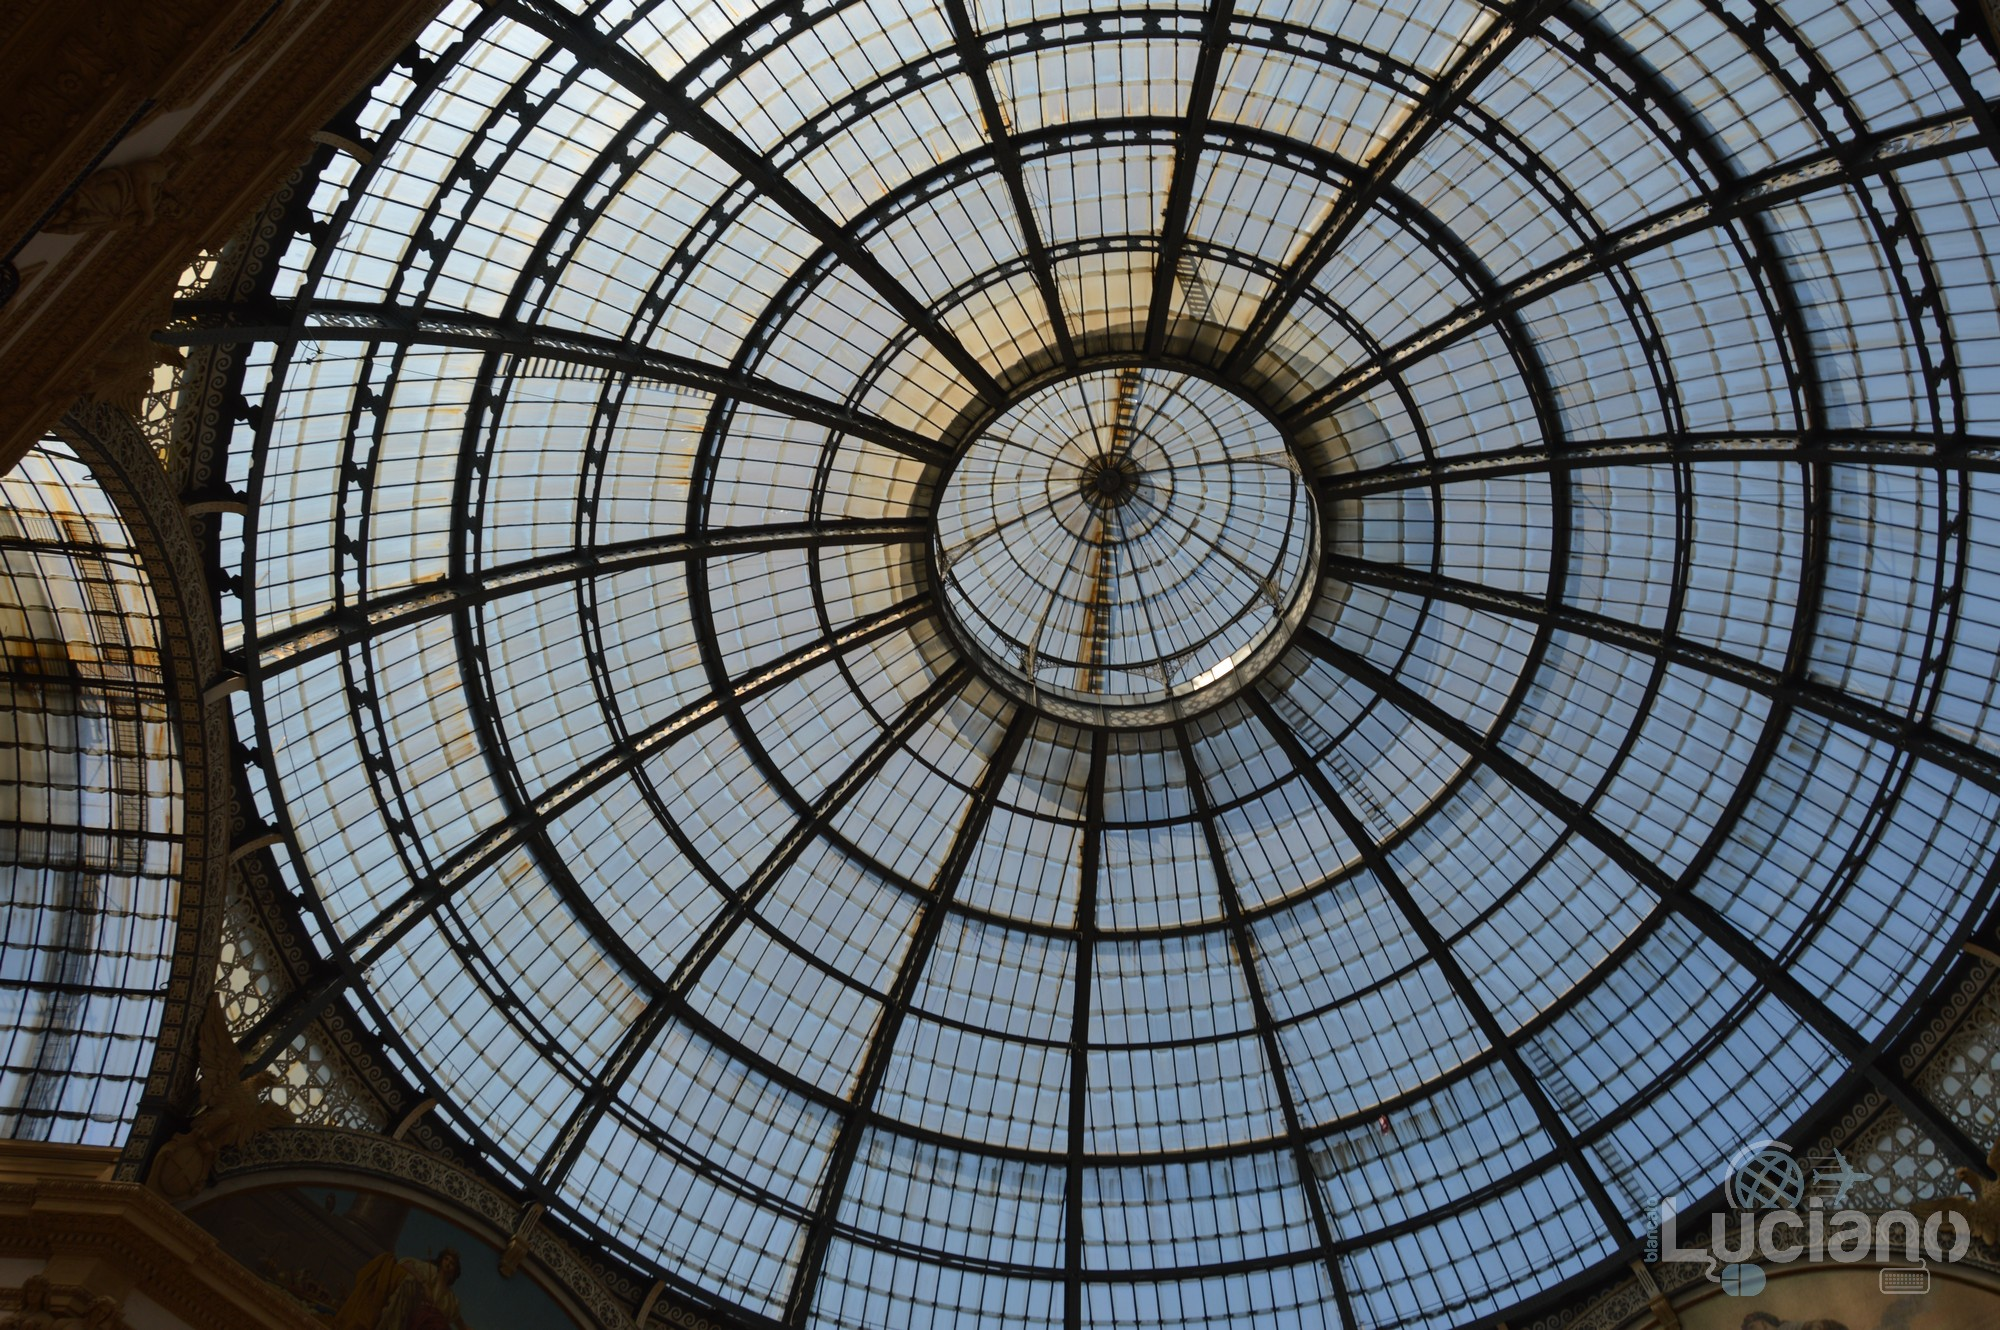 Cupola - Galleria del Corso di Milano è un passaggio coperto che collega corso Vittorio Emanuele II con piazza Beccaria - Milano - Lombardia - Italia